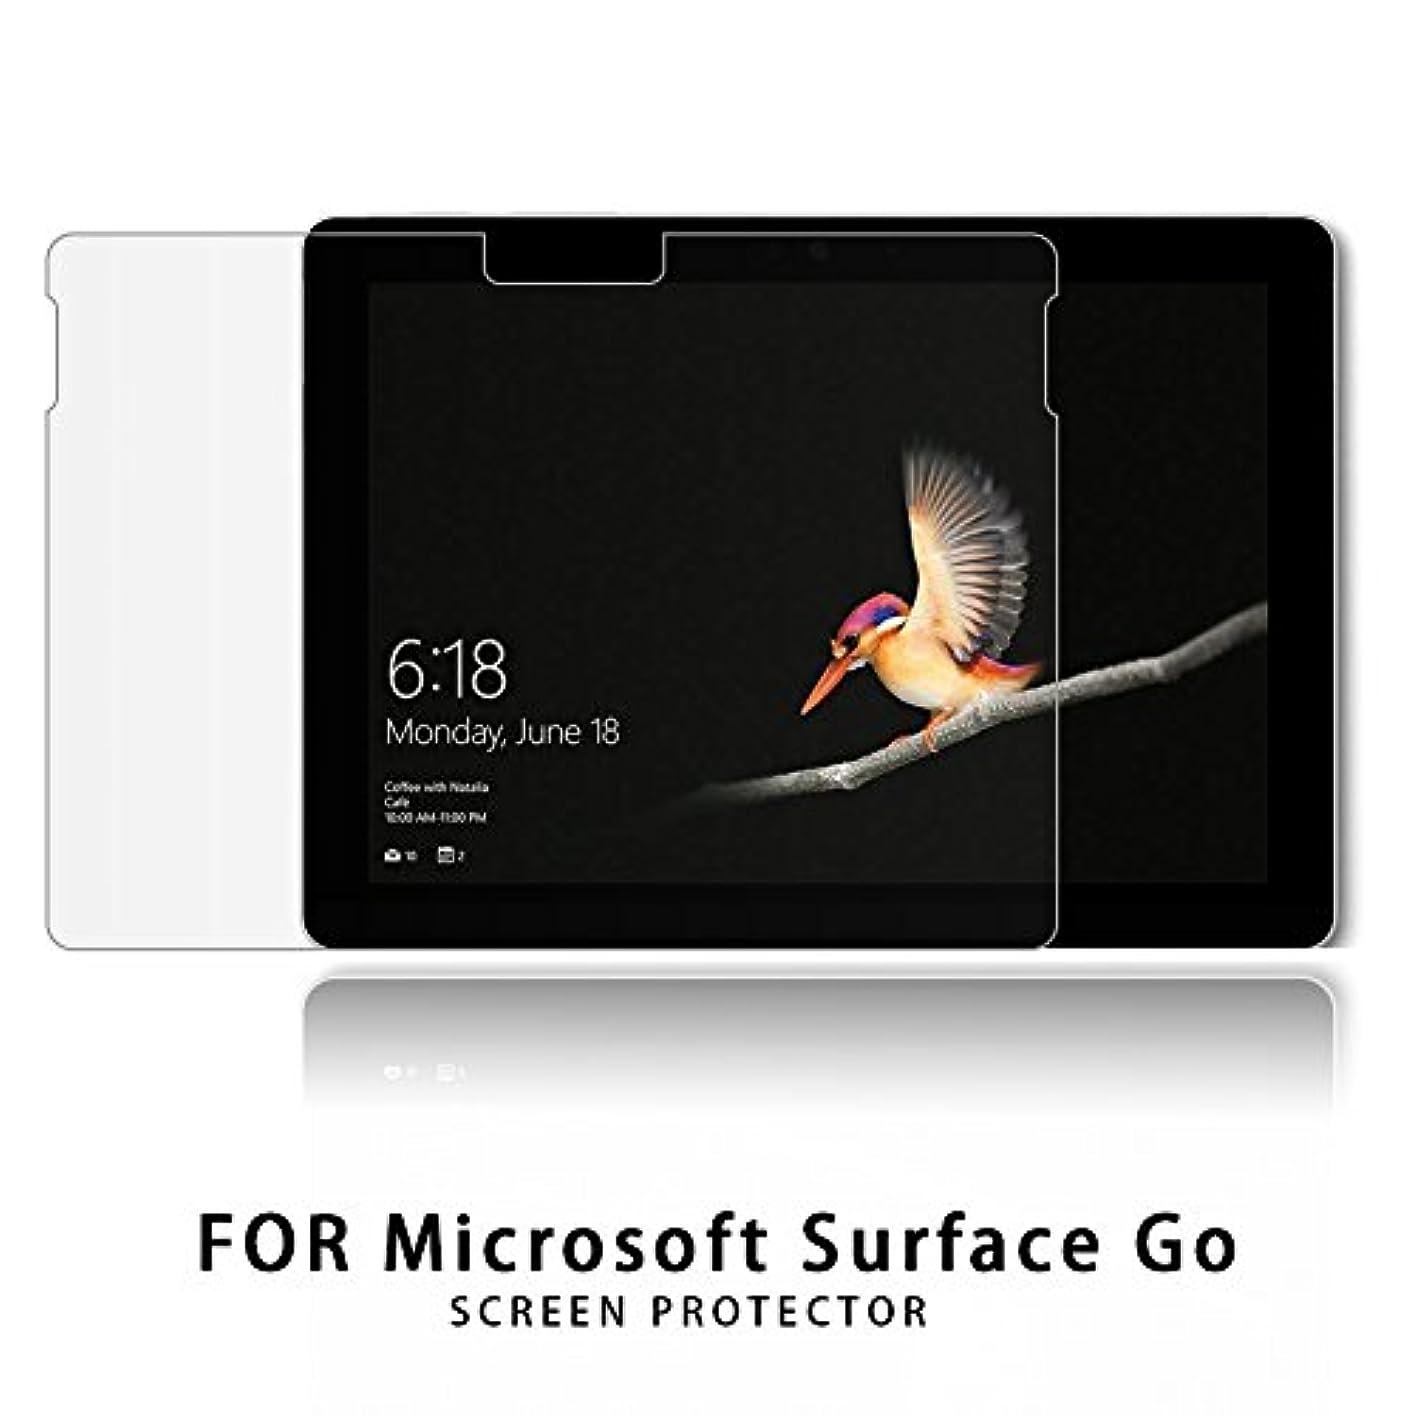 確率山コントローラNUPO マイクロソフト Surface Go ガラスフィルム 2.5D 硬度9H 飛散防止 指紋防止 高感度タッチ 極高透過率 旭硝子製 耐衝撃 Microsoft Surface Go 強化ガラス液晶保護フィルム (1枚入)